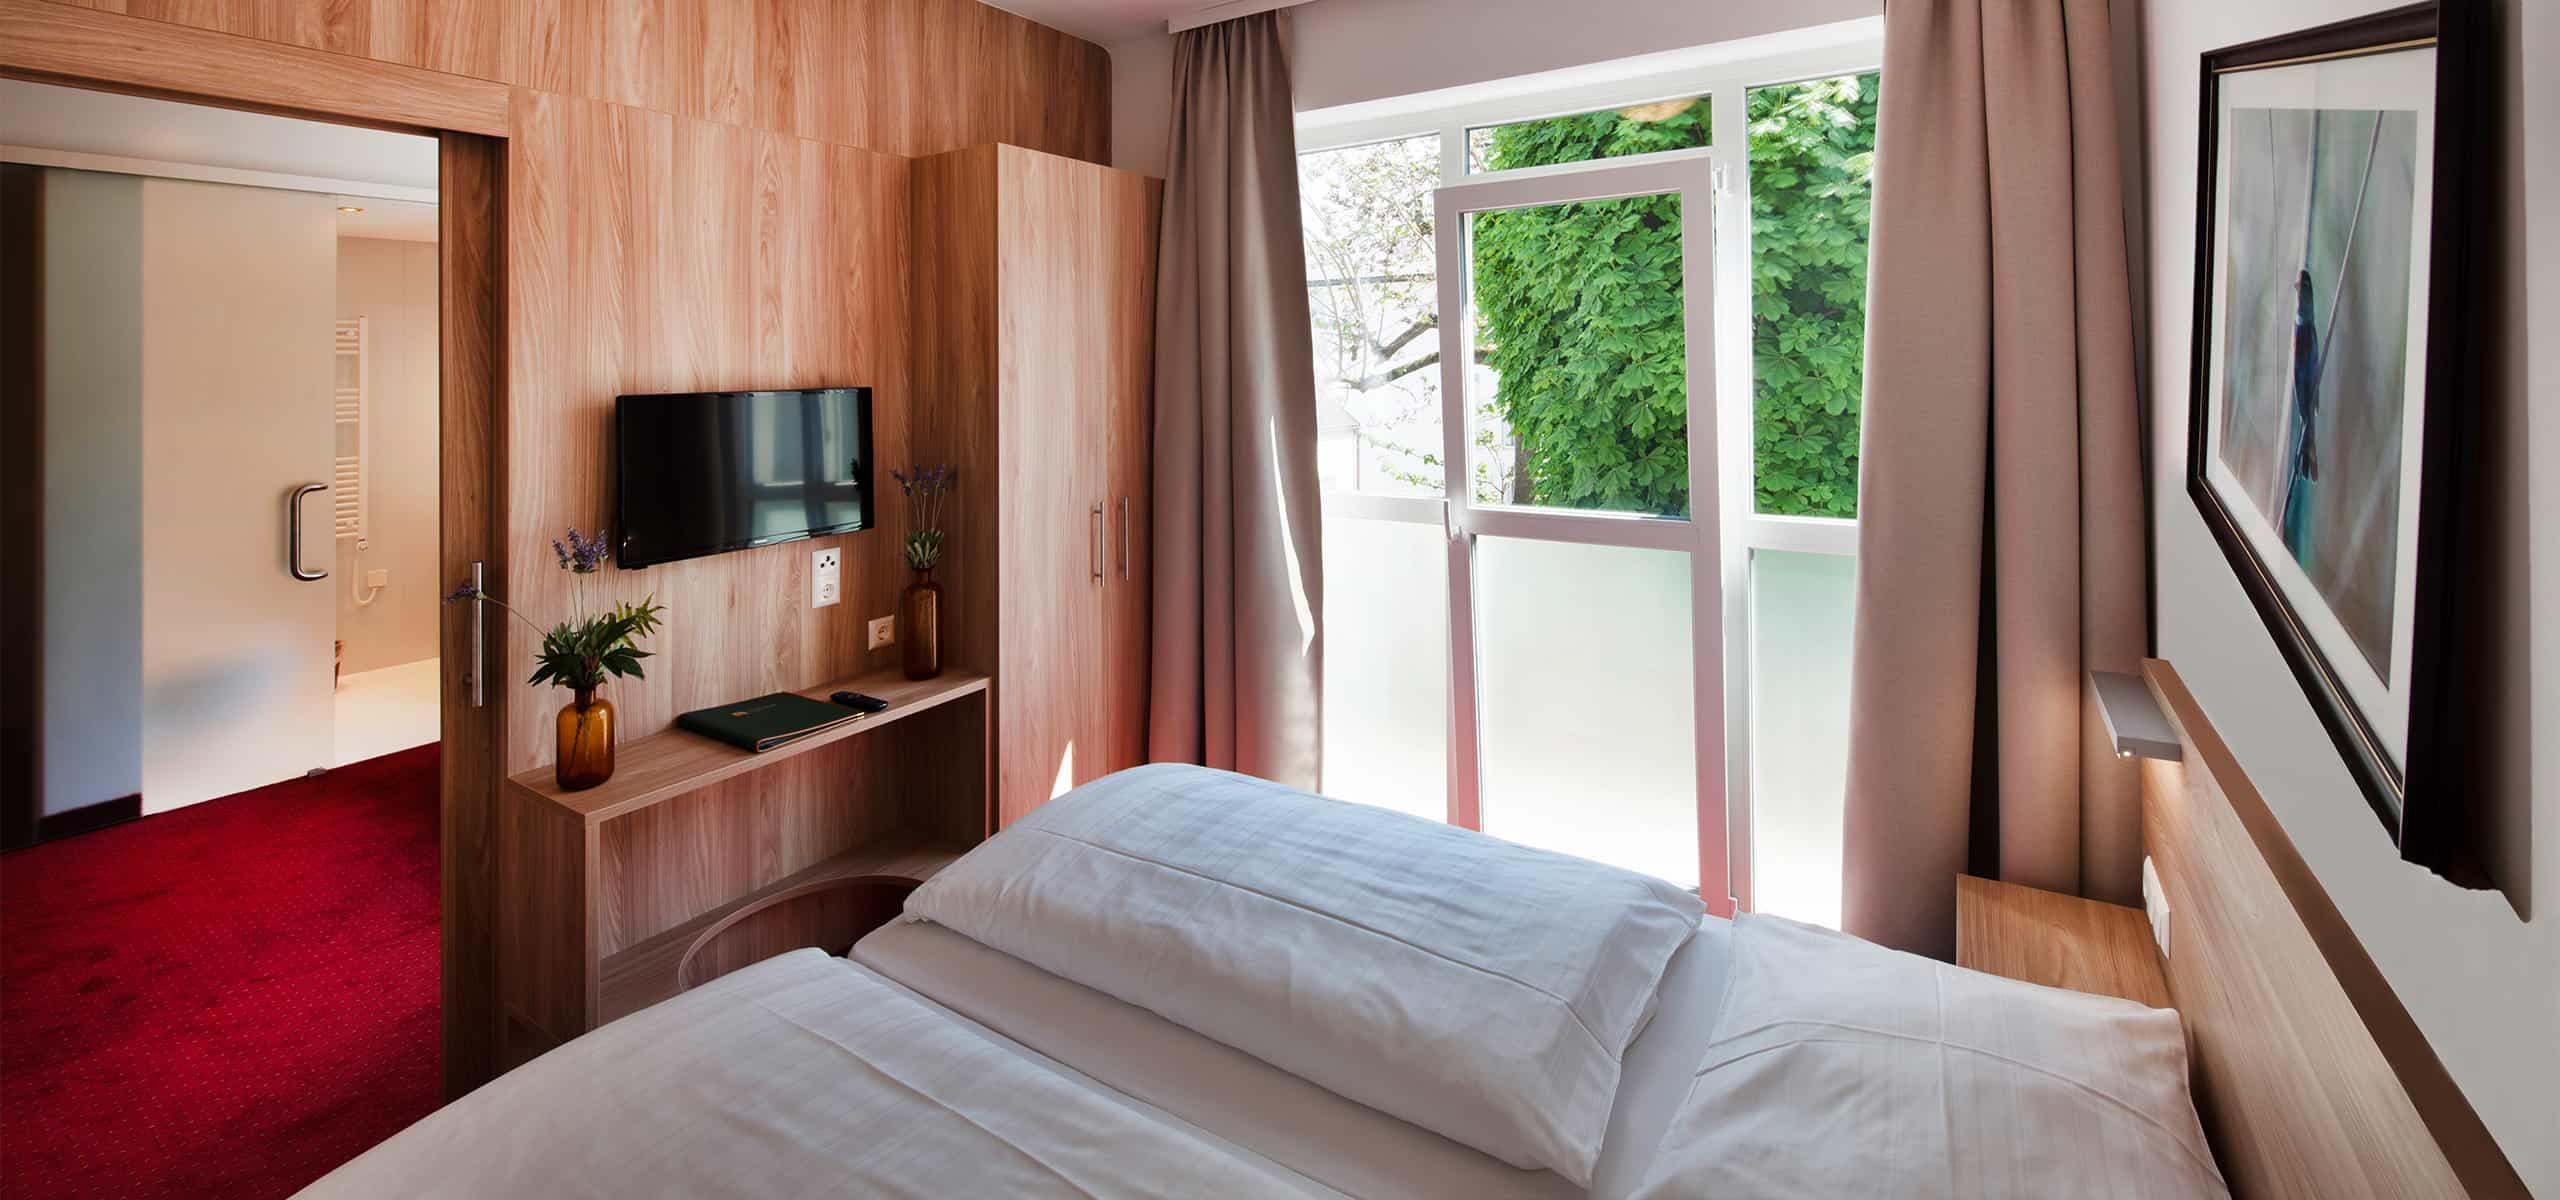 Zimmer Hotel zur Post Illmitz